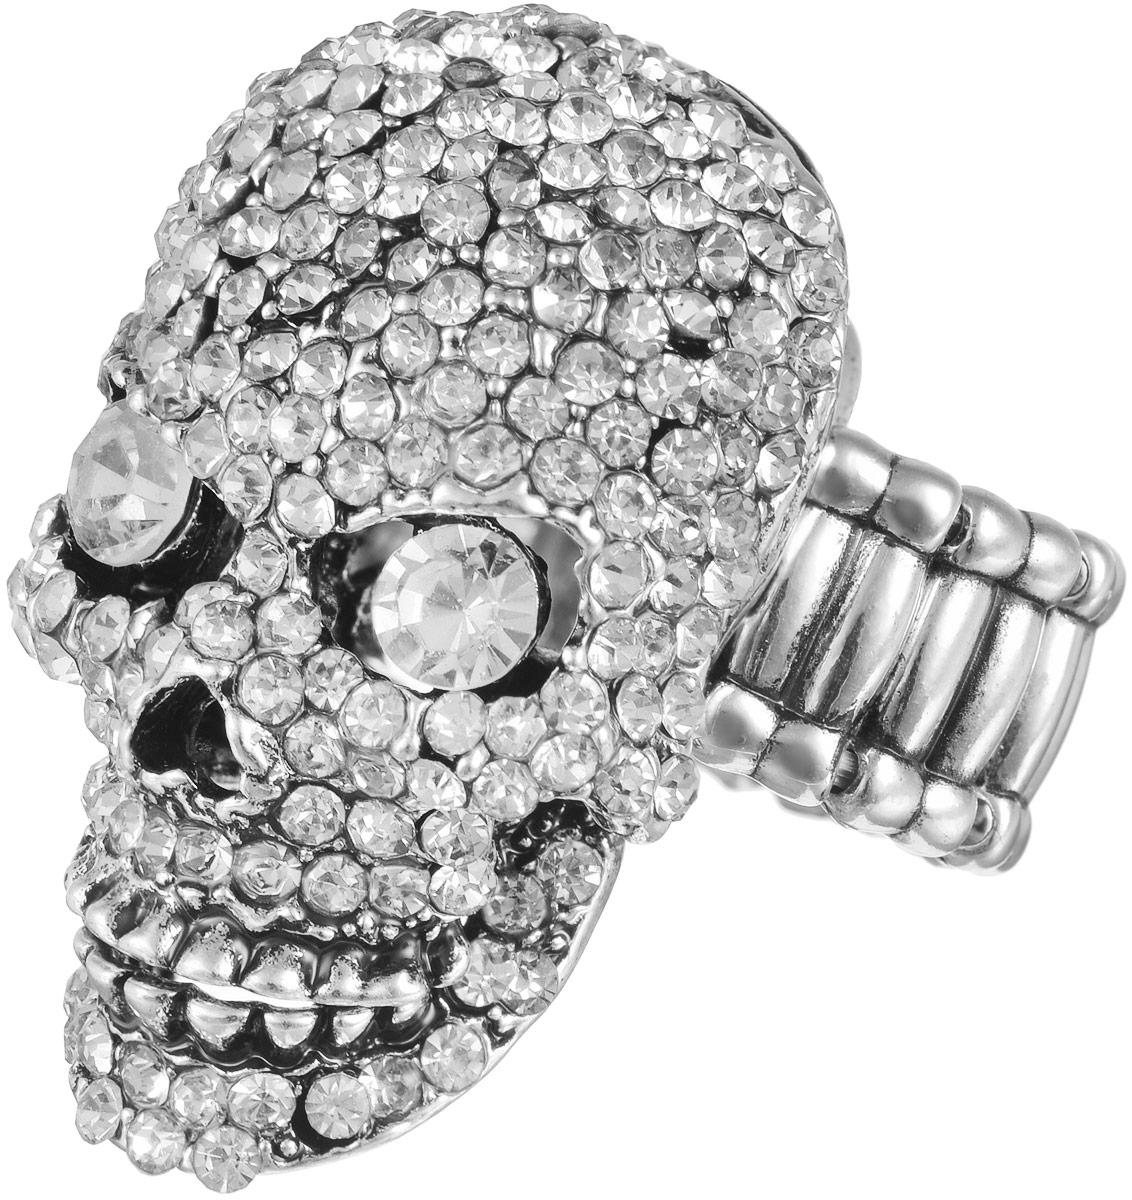 Кольцо женское Taya, цвет: серебристый. T-B-11620T-B-11620-RING-SILVERОригинальное безразмерное кольцо Taya выполнено из бижутерного сплава на основе латуни, оформлено в виде черепа и инкрустировано стразами. Нижняя челюсть подвижная, может открываться и закрываться. Регулируется кольцо с помощью эластичной резинки. Такое кольцо это блестящее завершение вашего неповторимого и смелого образа и отличный подарок для ценительницы необычных украшений!